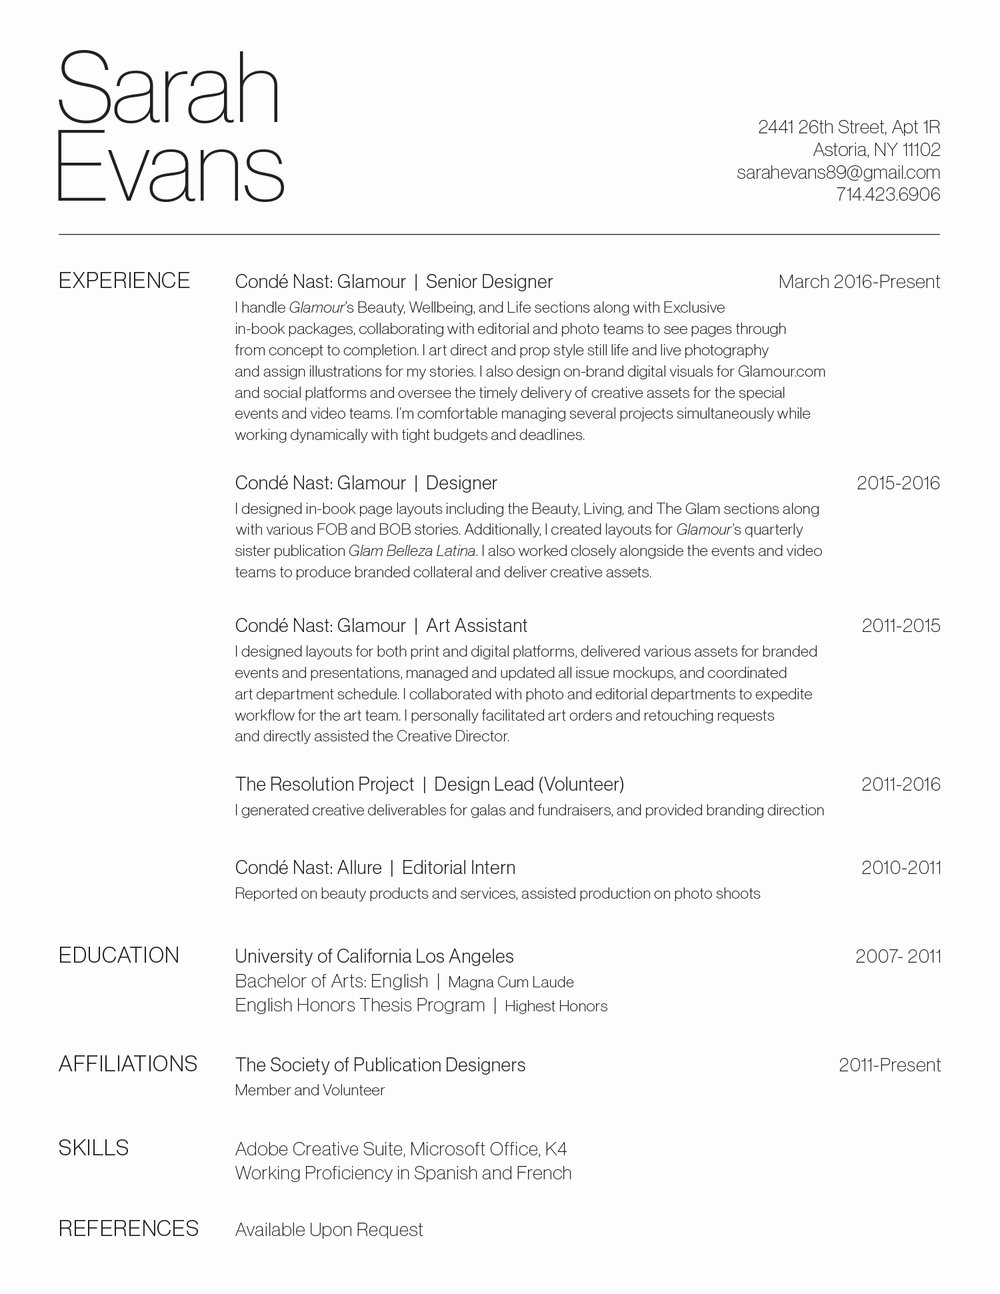 Sarah_Evans_Resume.jpg